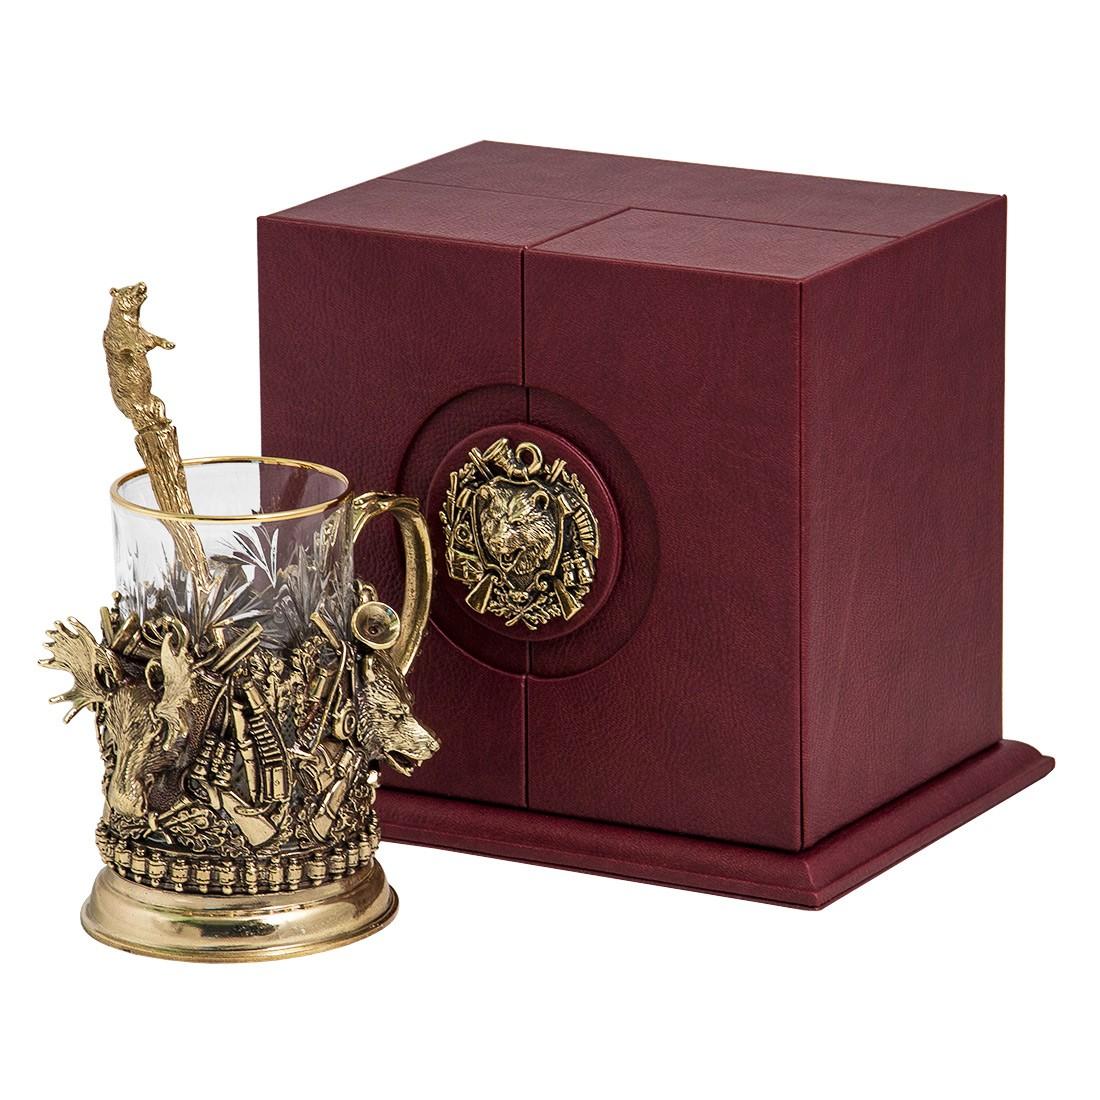 Подстаканник в наборе из коллекции «Охота. Трофеи» в подарок охотнику